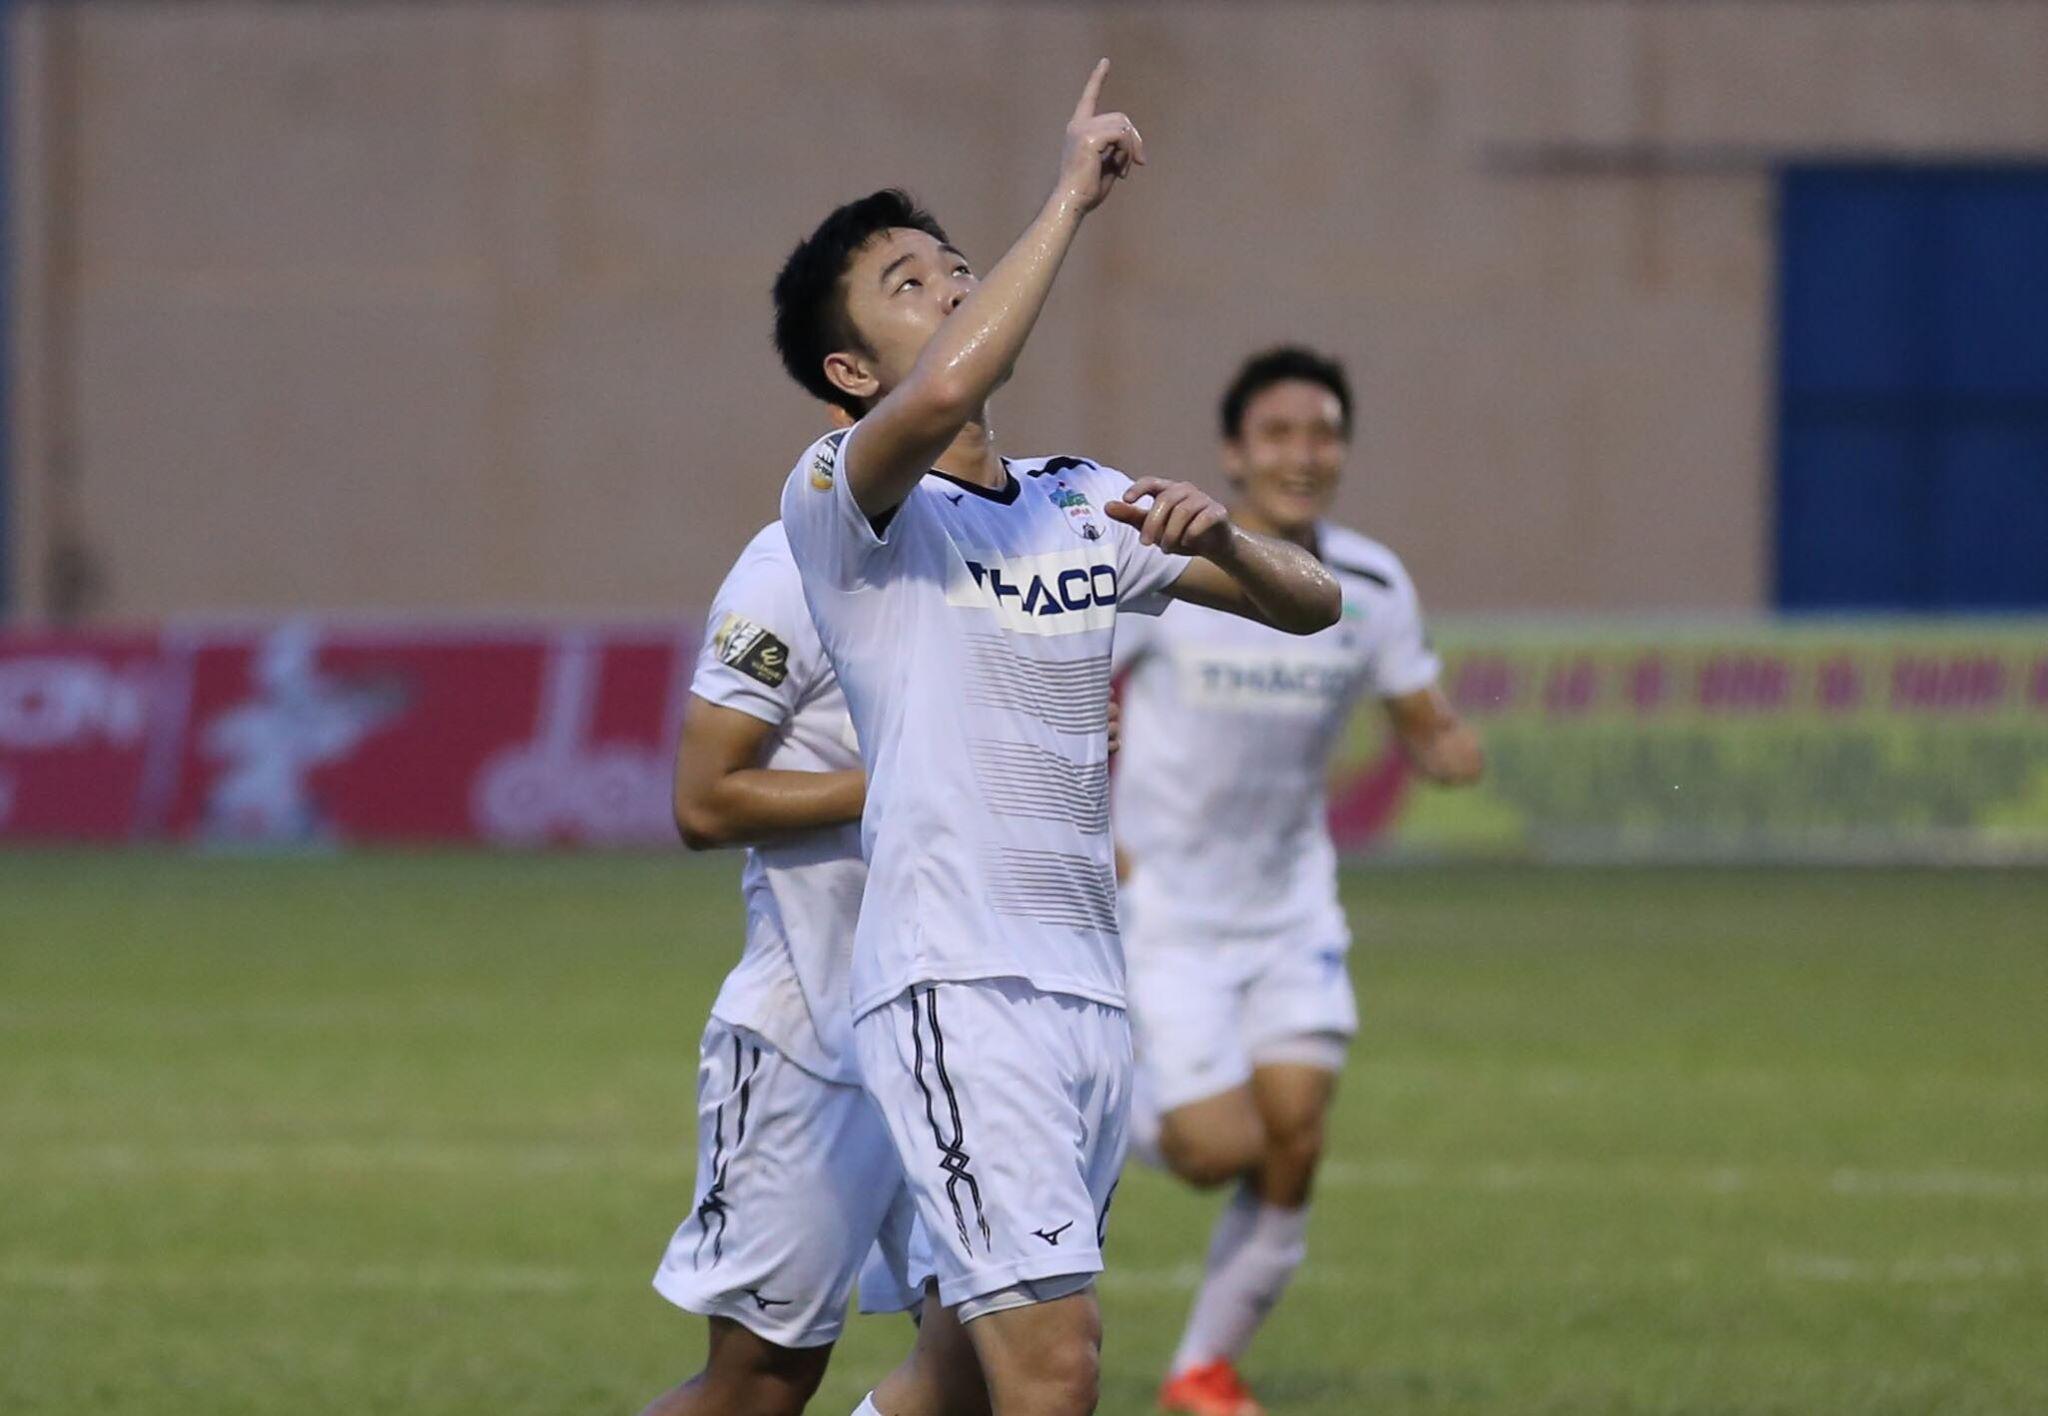 Điểm tin bóng đá Việt Nam sáng 29/07: HAGL và ĐT Việt Nam mừng khi có Xuân Trường - Bóng Đá